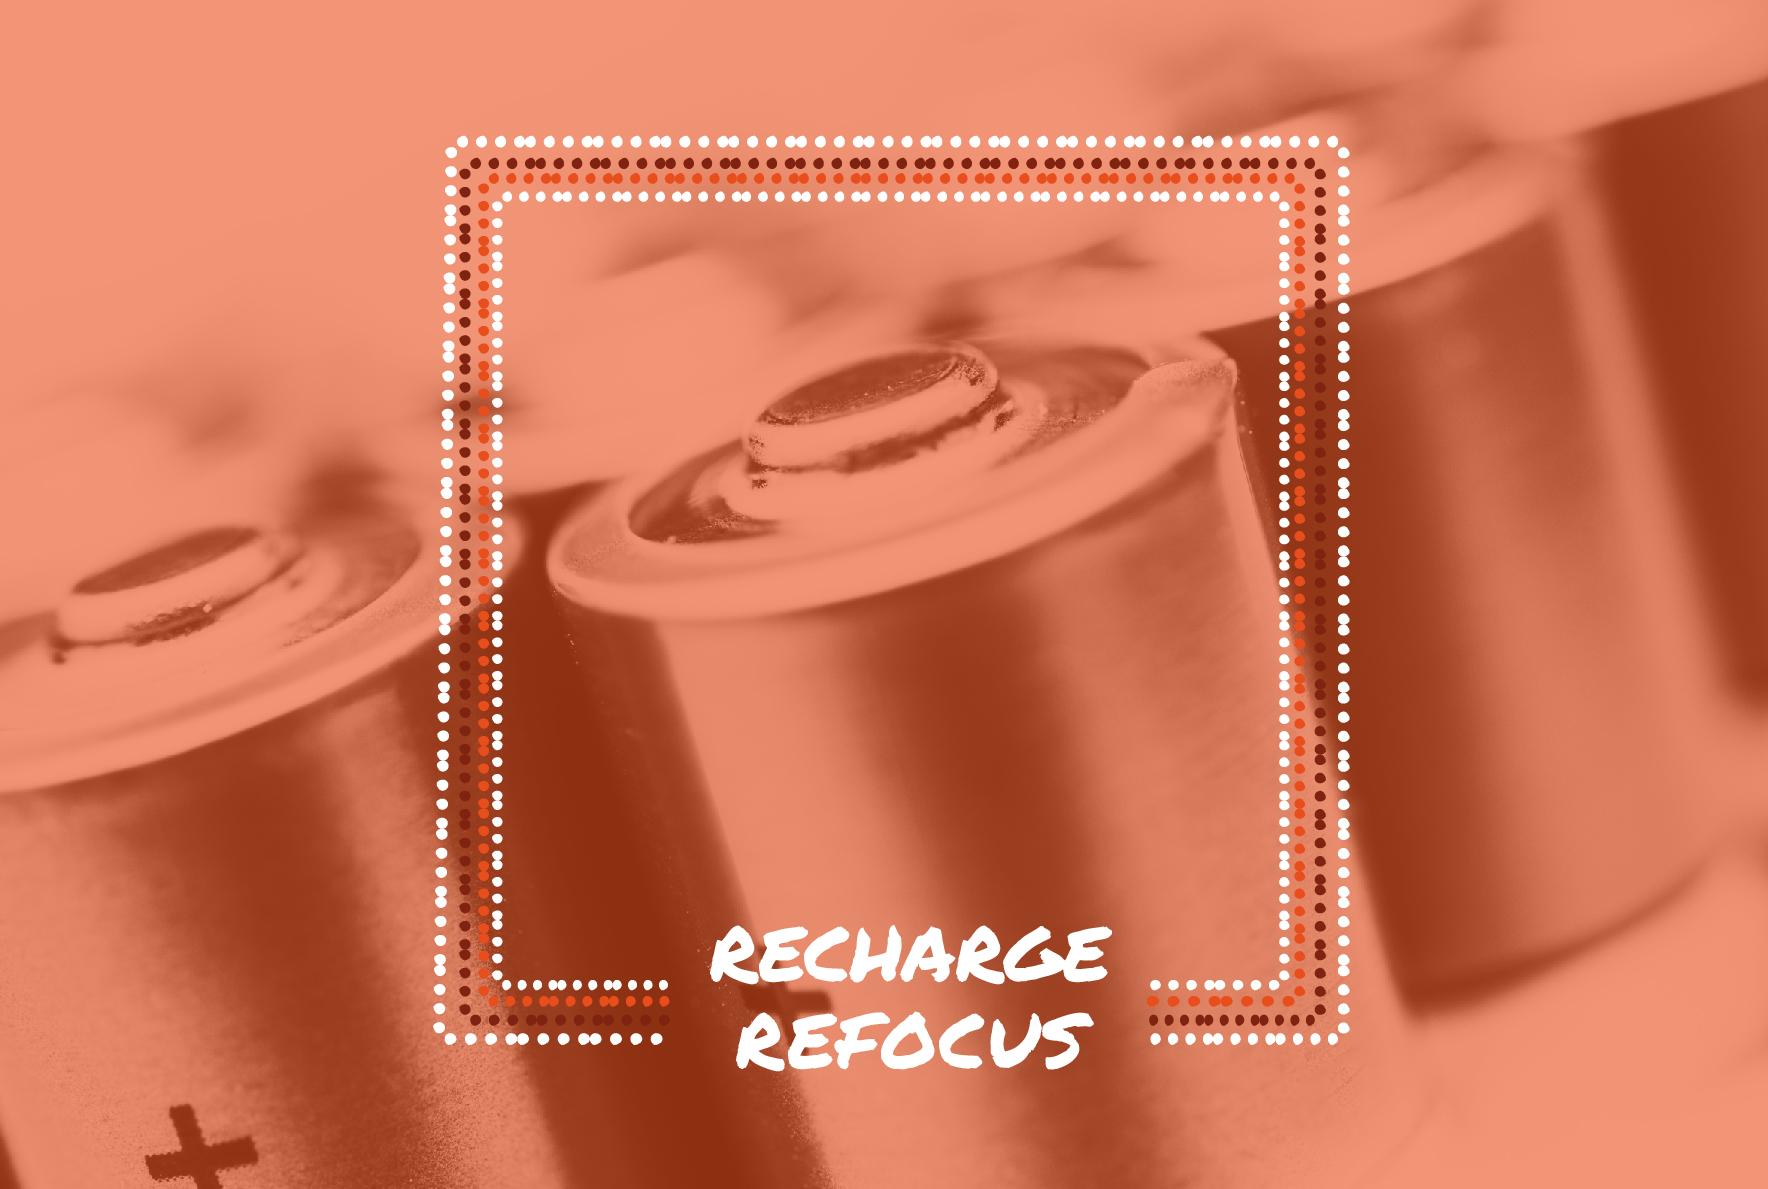 Recharge & refocus